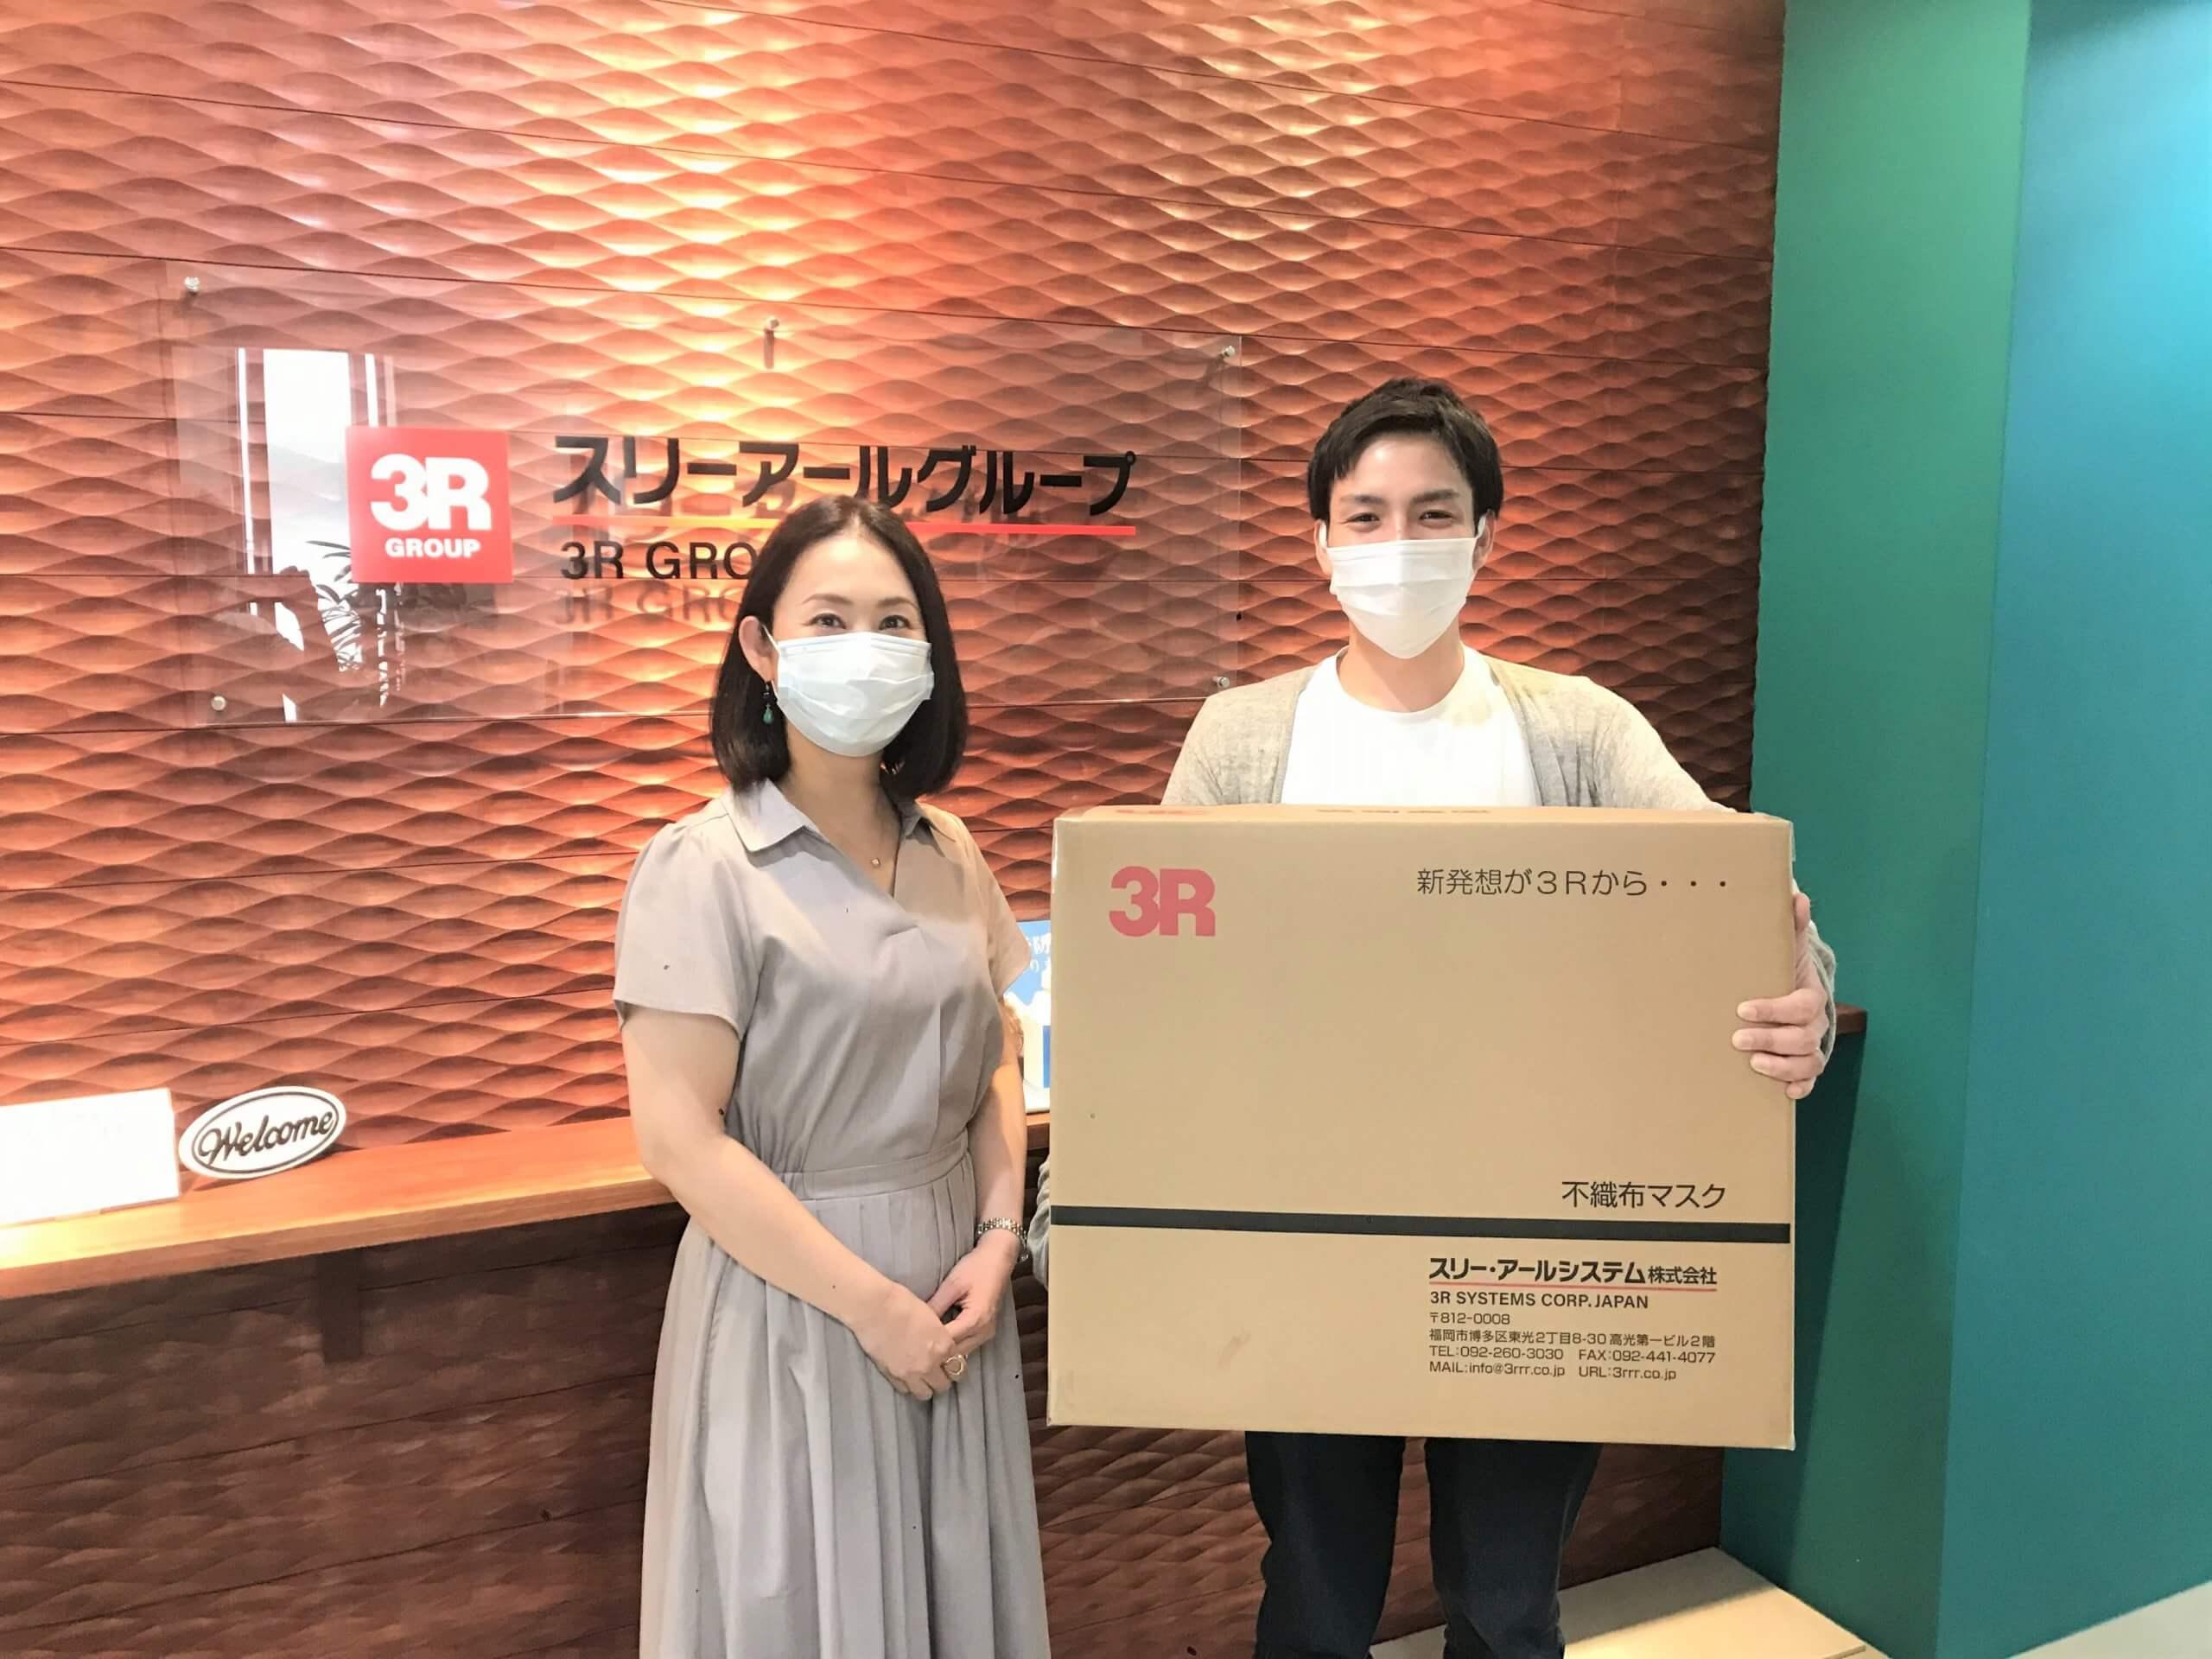 福岡市への助け合いマスク寄付のお知らせ